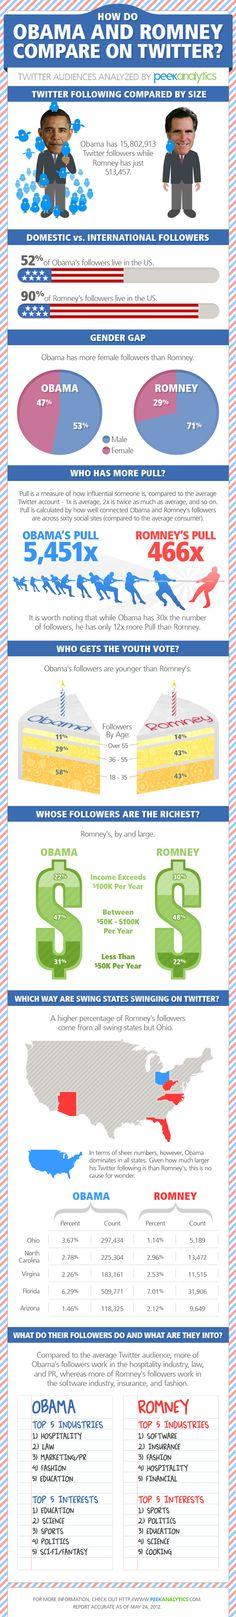 Las redes sociales fueron un termómetro político en la campaña electoral de 2012 en EEUU